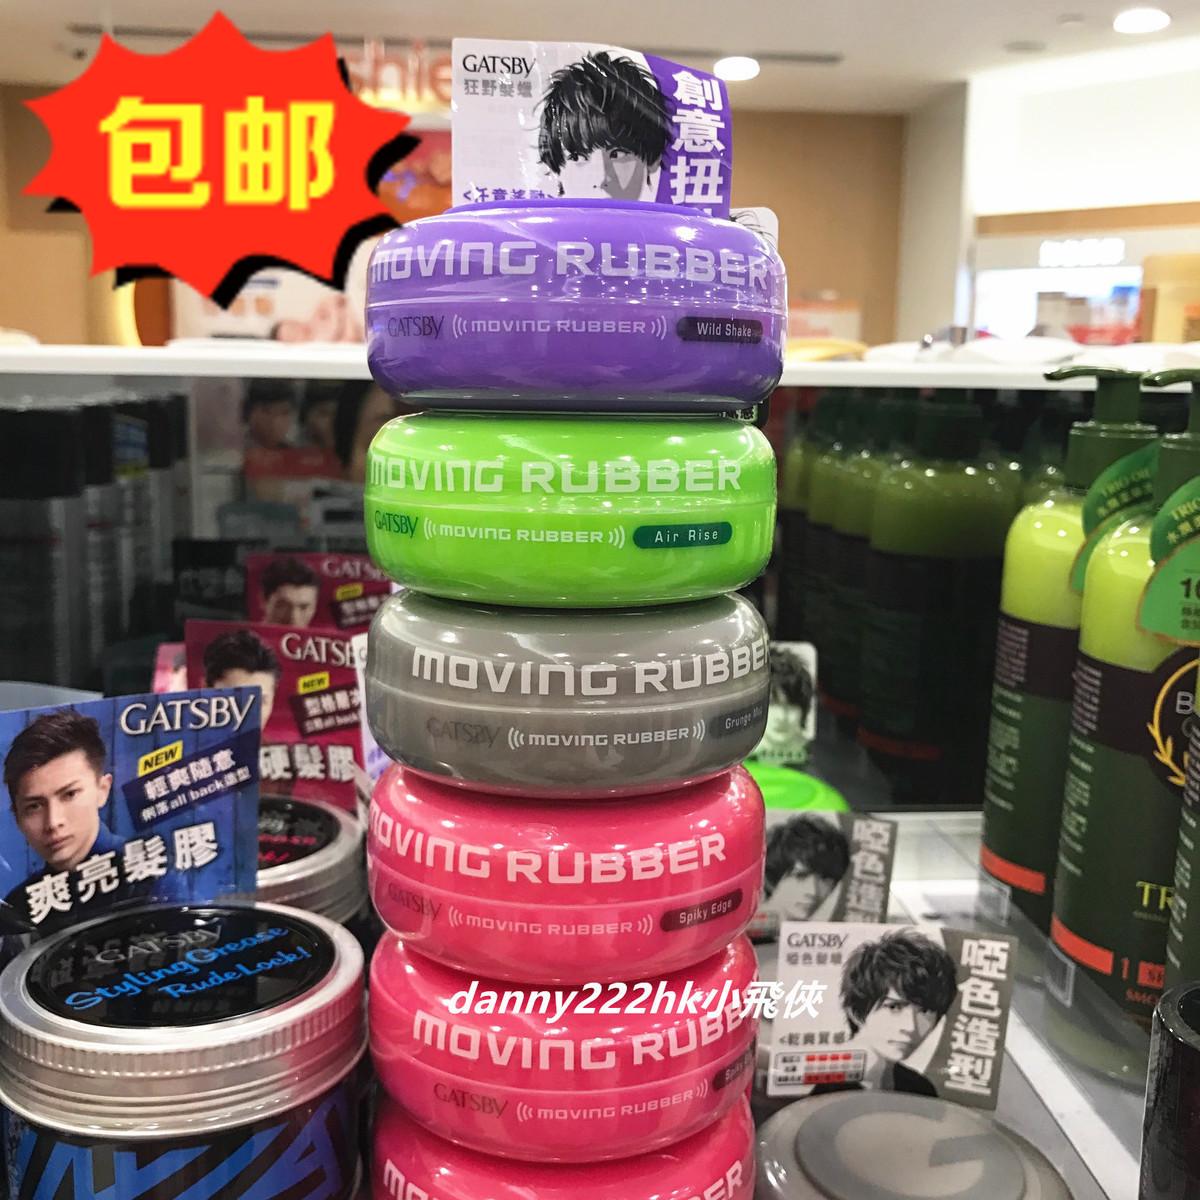 香港正品 日本杰士派gatsby头发塑型造型发蜡/发泥/80G哑光蓬松